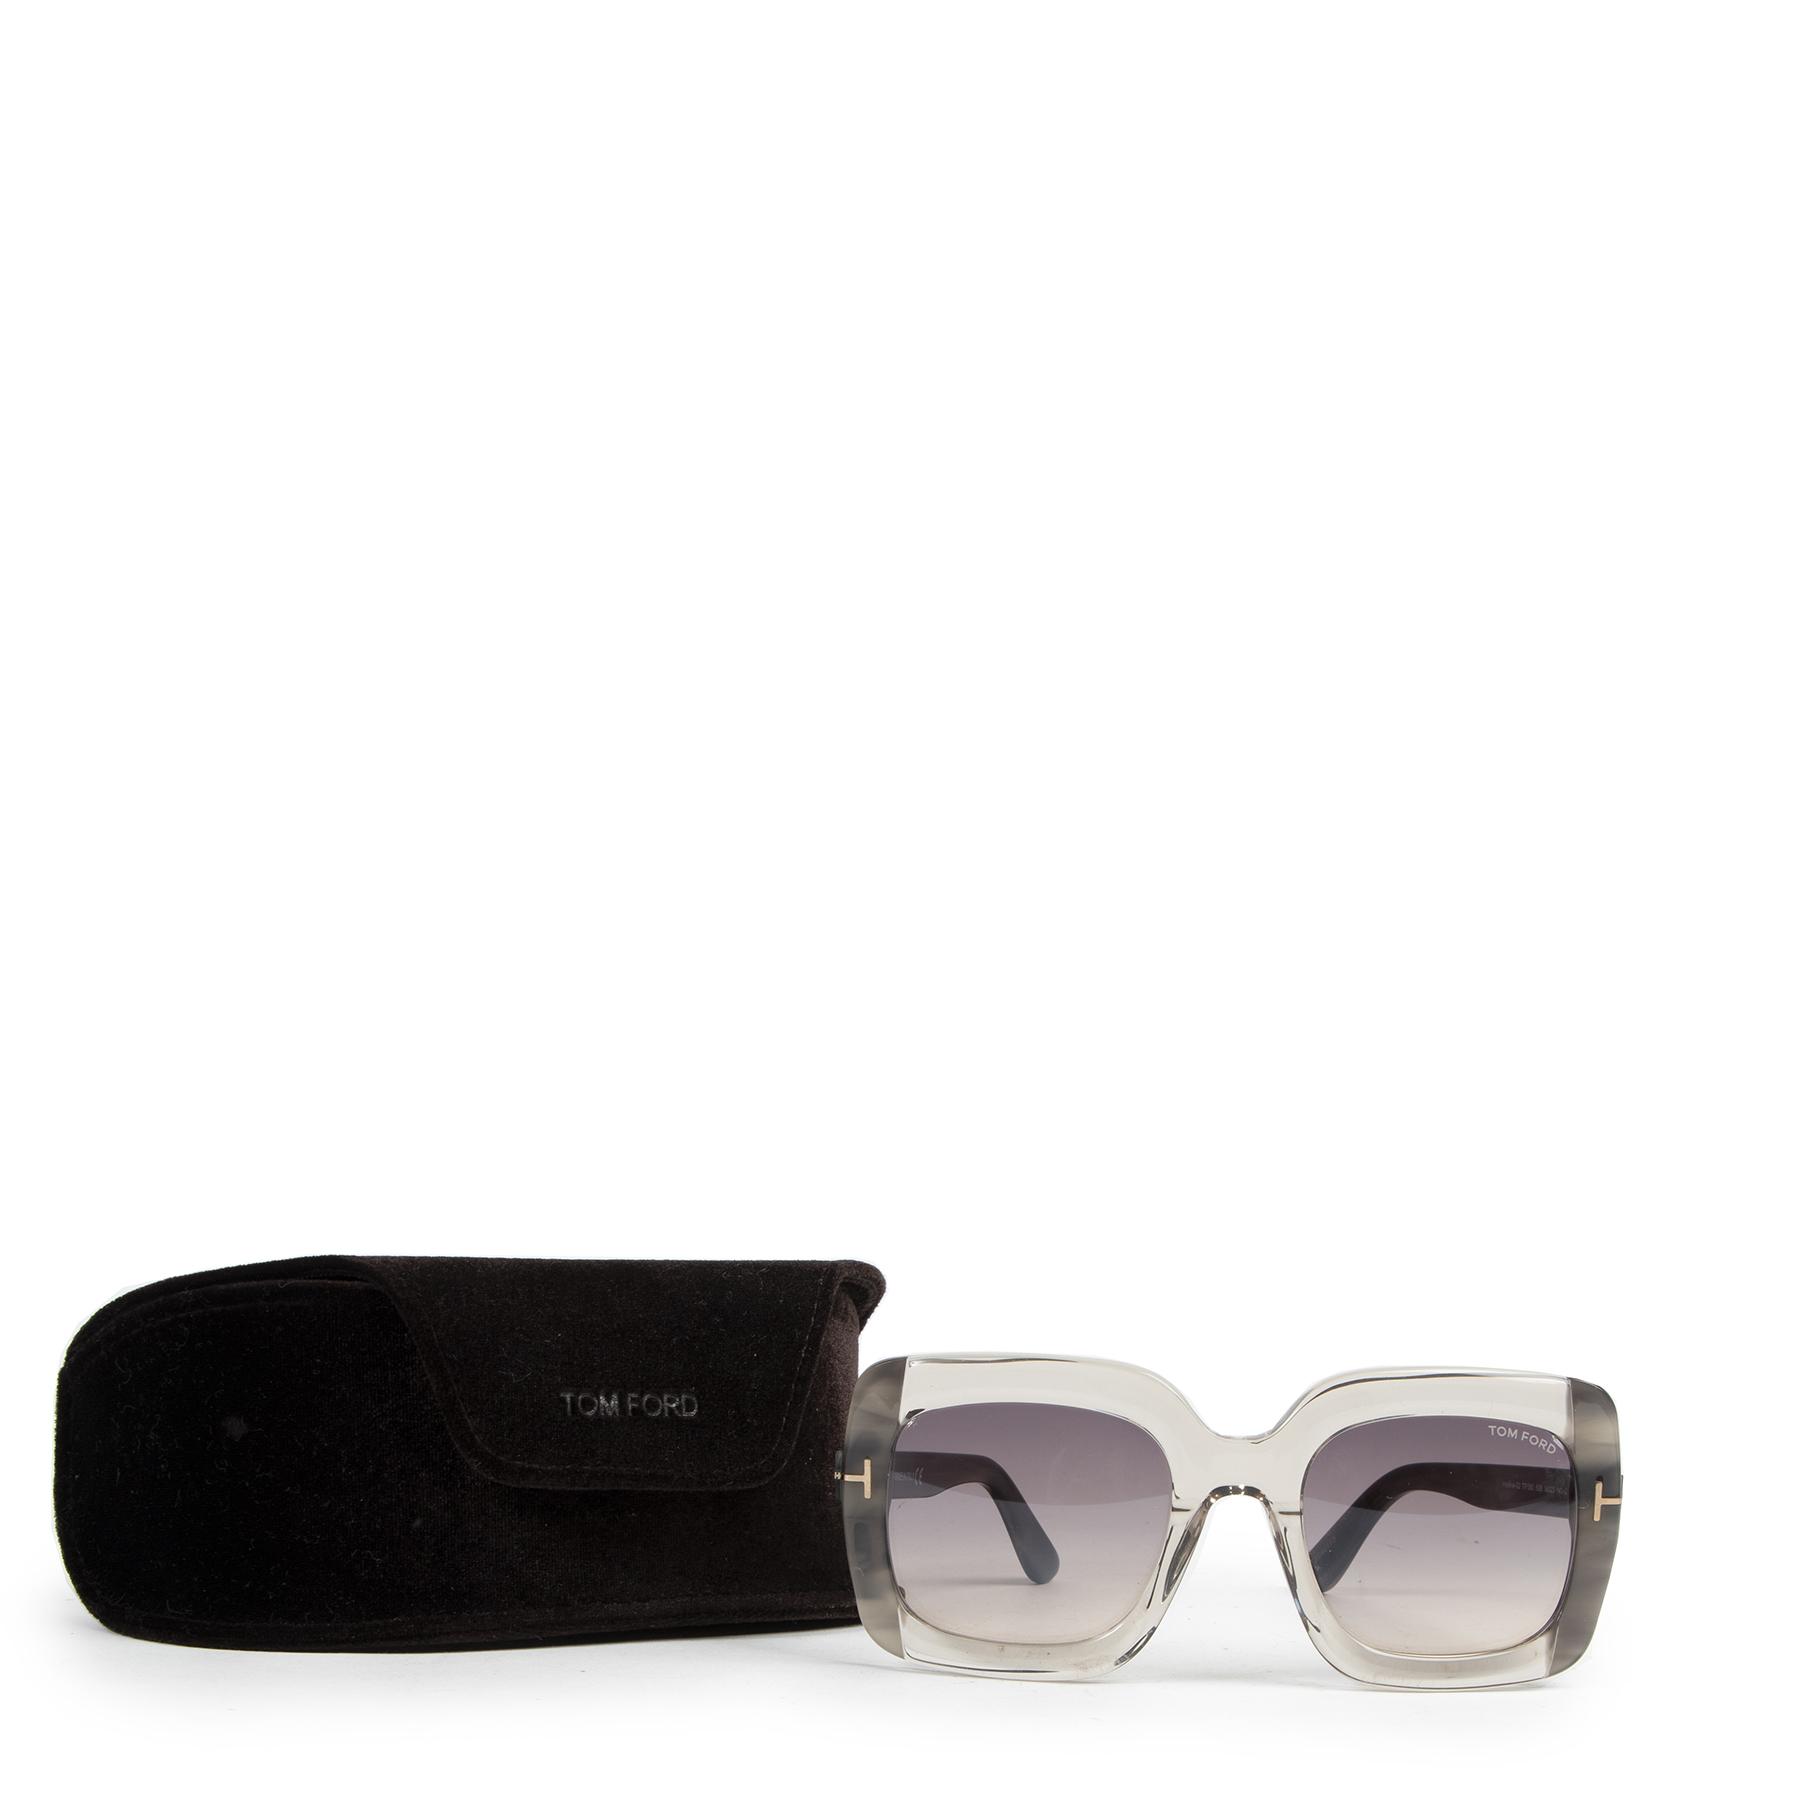 Authentieke tweedehands Tom Ford zonnebrillen juiste prijs veilig online winkelen LabelLOV webshop luxe merken winkelen Antwerpen België mode fashion